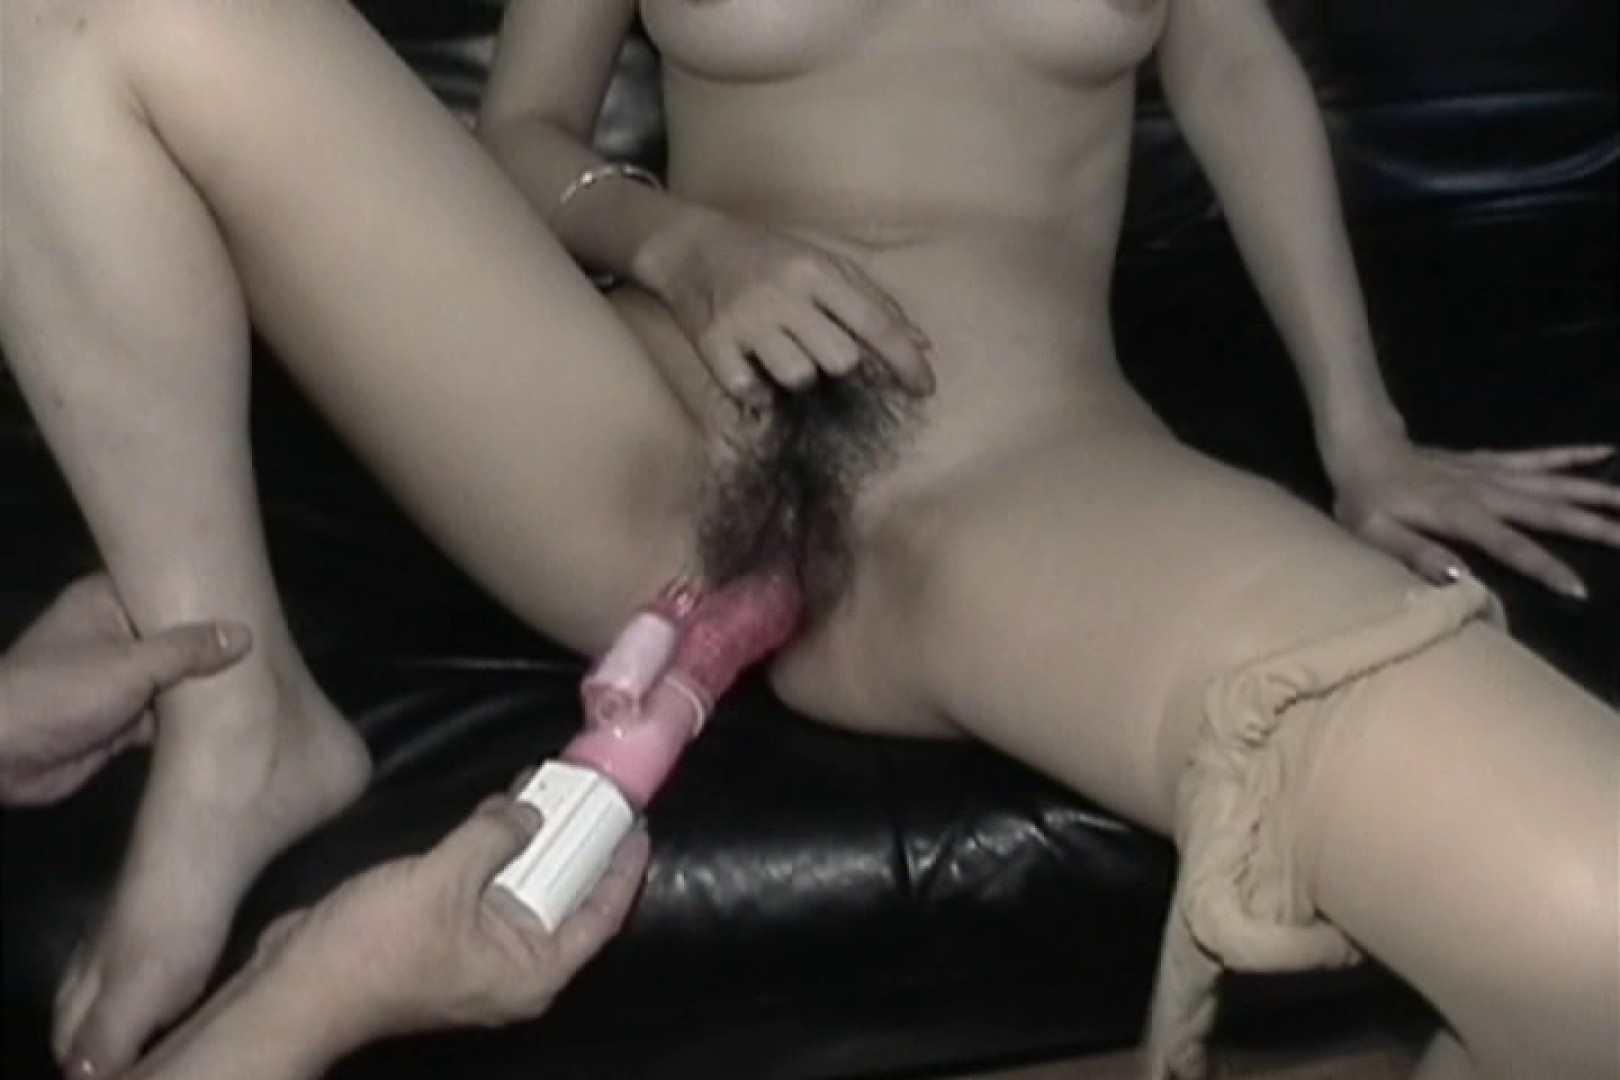 形の良いお椀型の美乳熟女とSEX~川島みさき~ クンニ | ギャル達の美乳  111画像 94